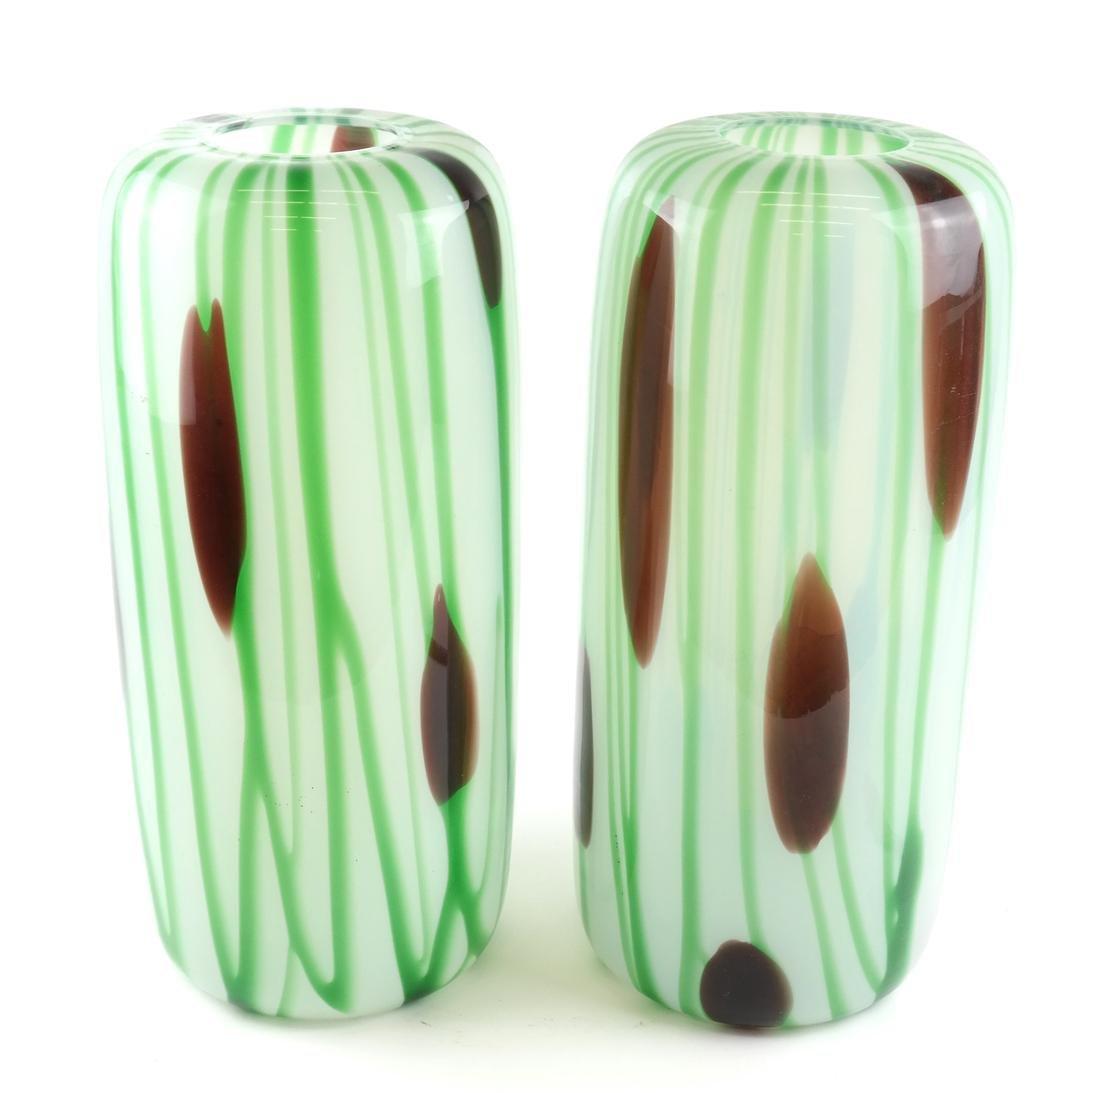 Pair of Art Glass Vases